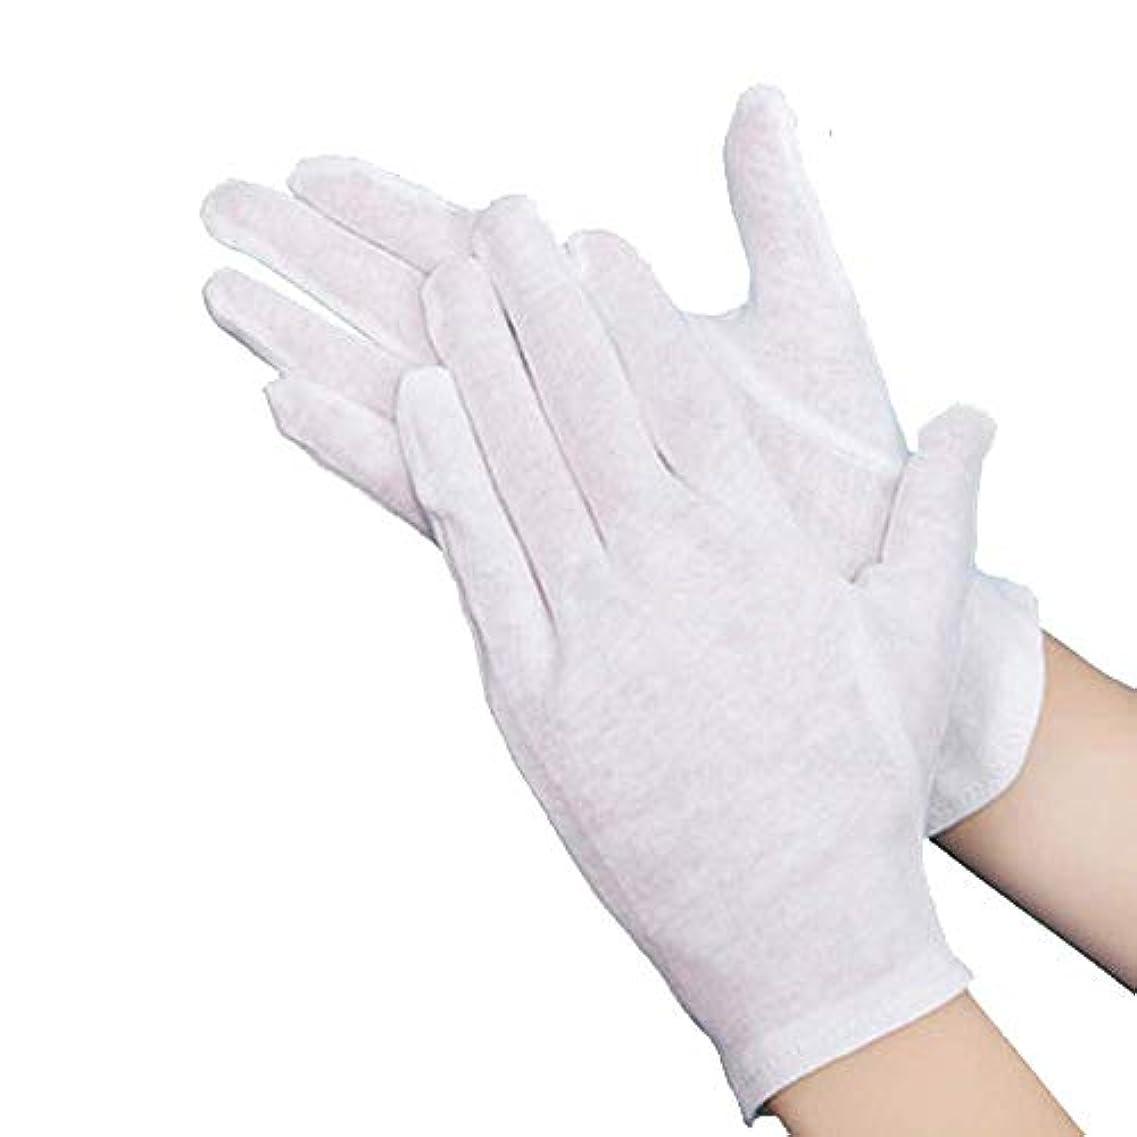 セグメント削るグレード10双組 M トン手袋 綿手袋 通気性